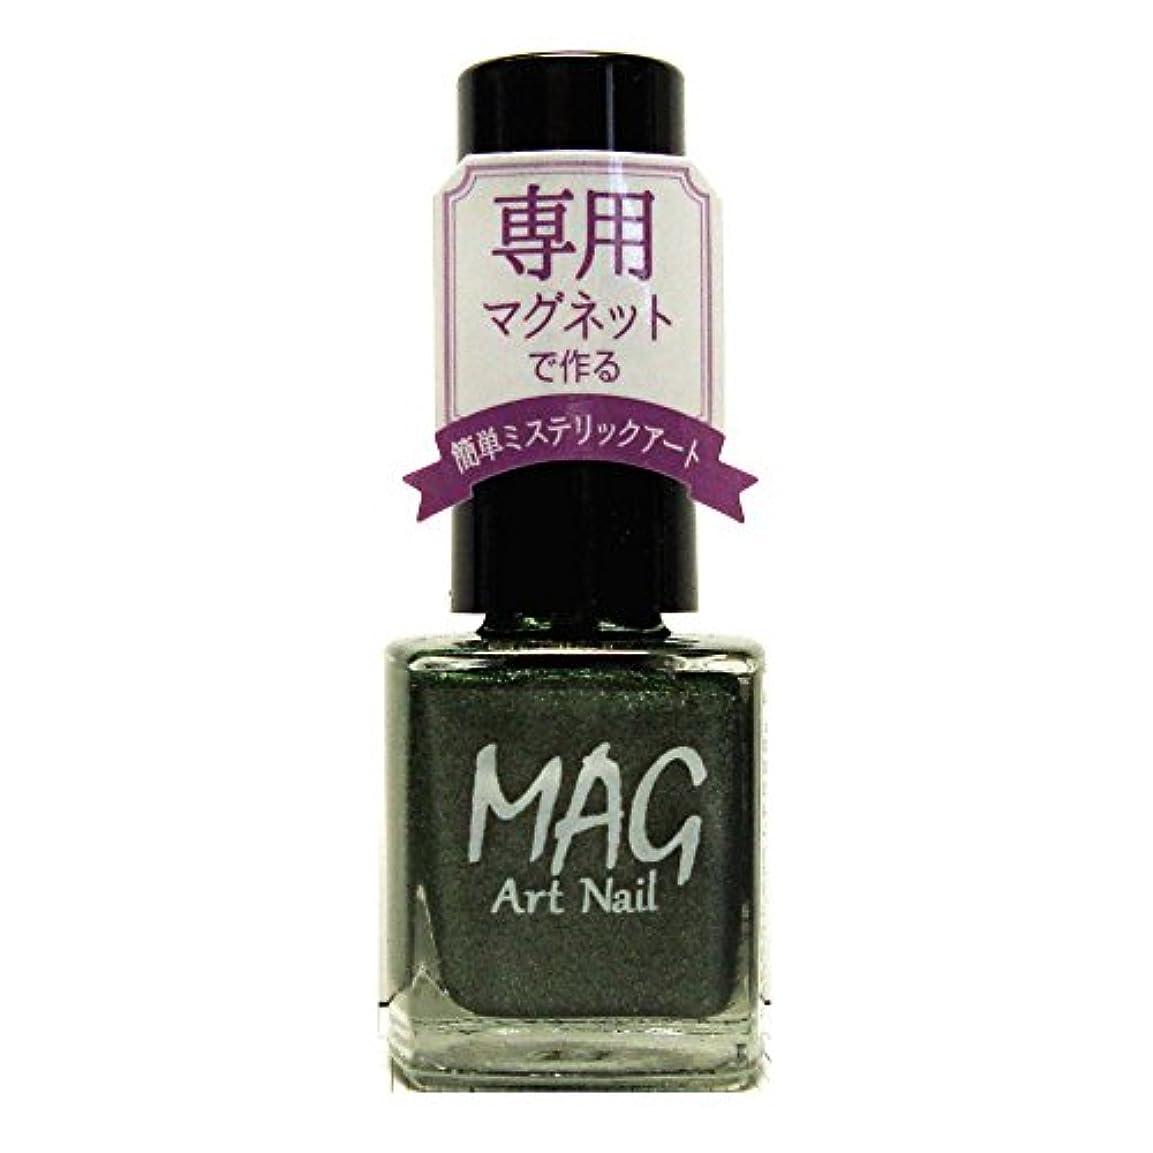 モール要旨苦しみTMマグアートネイル(爪化粧料) TMMA1602 フォレストグリーン